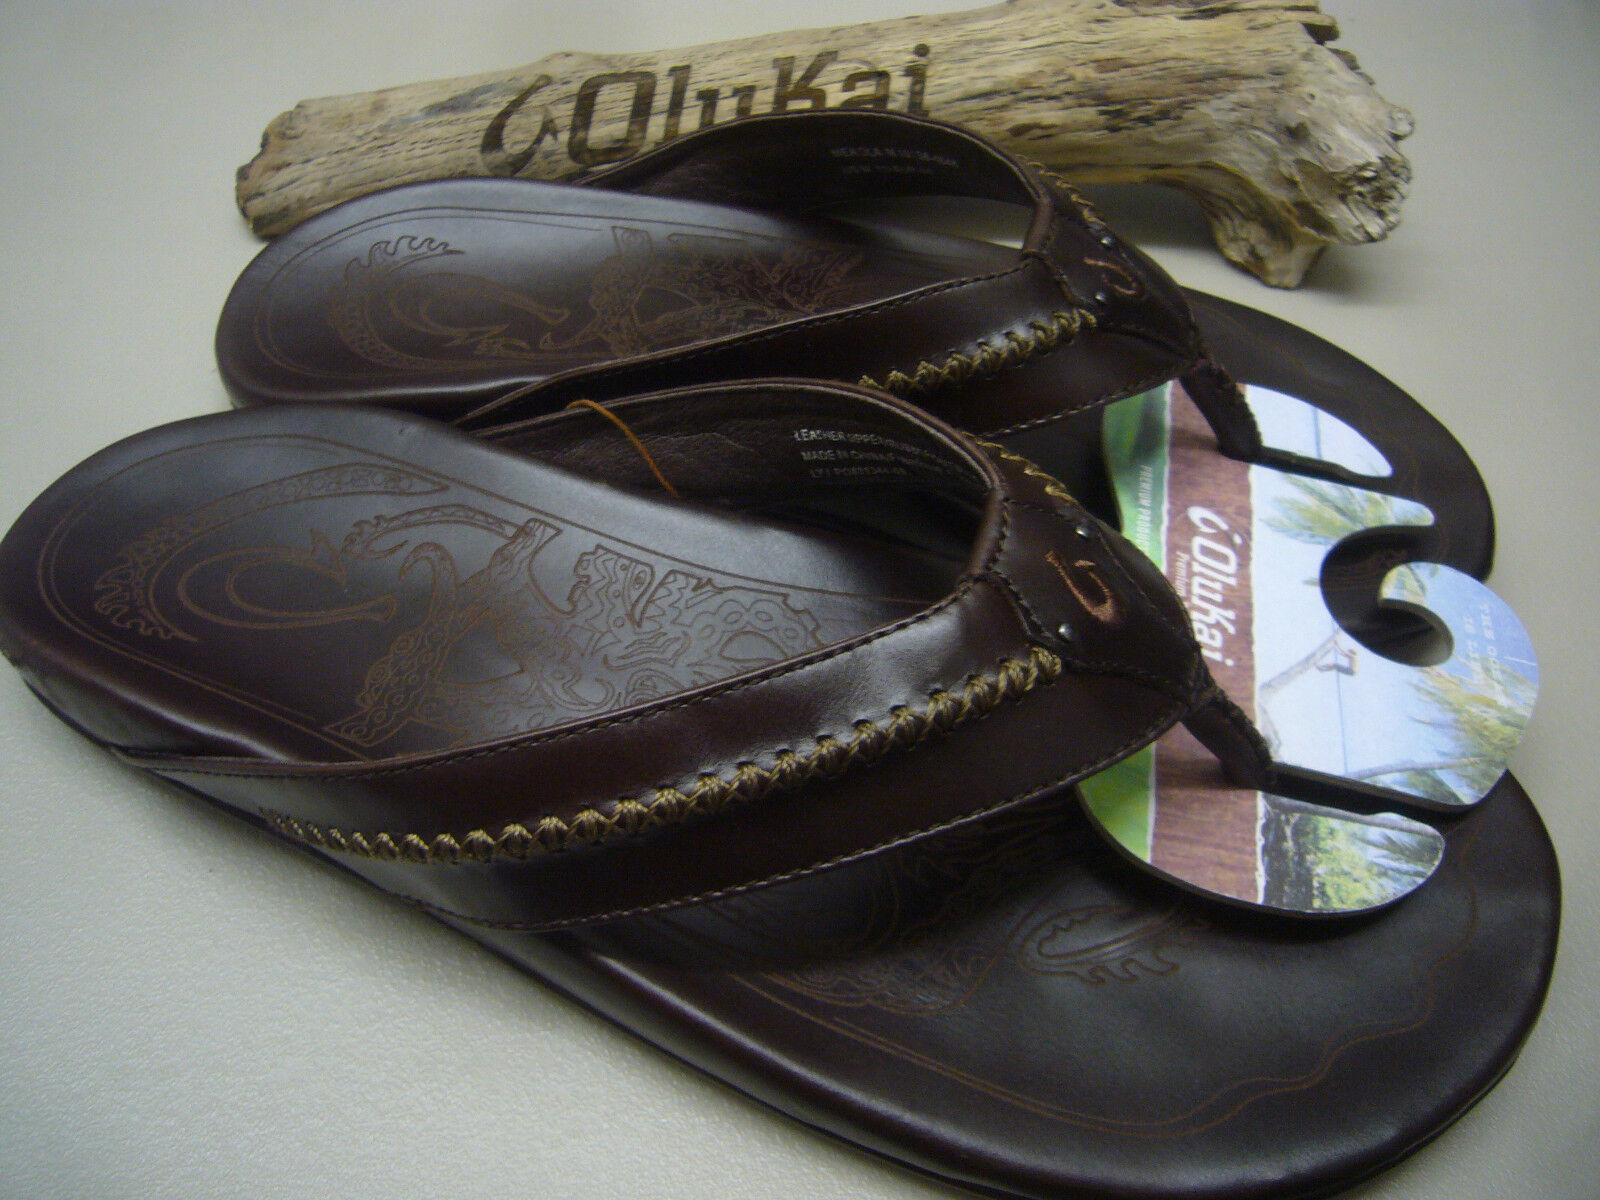 Sandali e scarpe per il mare da uomo OLA OLUKAI uomoS SANDALS MEA OLA uomo DARK JAVA SIZE 8 f17b81